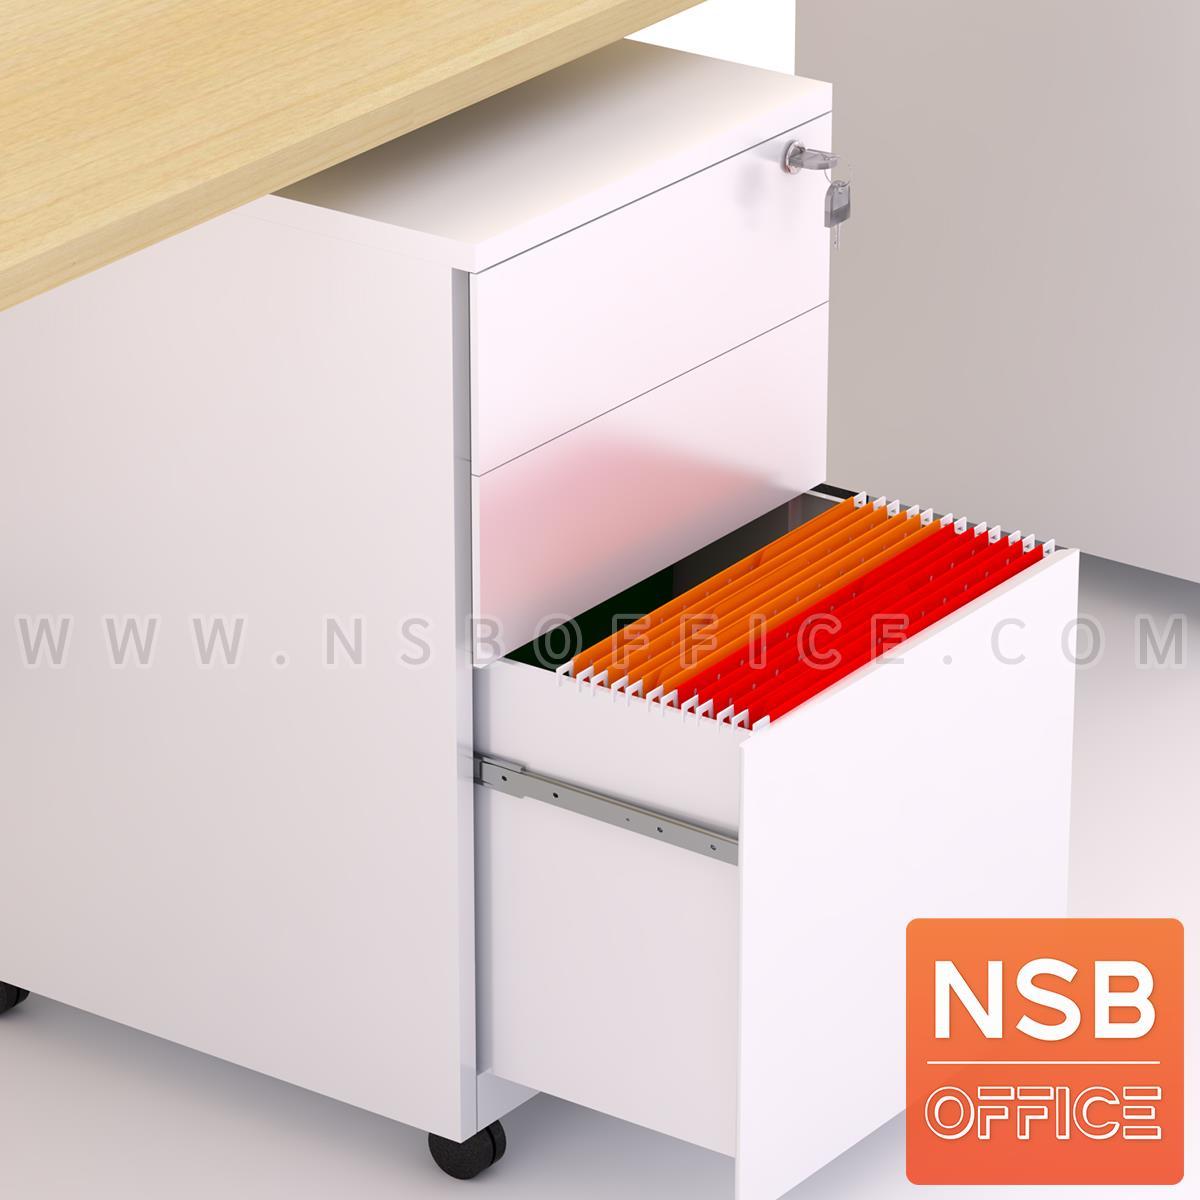 ชุดโต๊ะทำงานกลุ่ม 4 ที่นั่ง รุ่น Panettone l (พาเน็ตโทน 1)  ขนาด 240W*120D cm. พร้อมมินิสกรีนและตู้ลิ้นชักเหล็กล้อเลื่อน